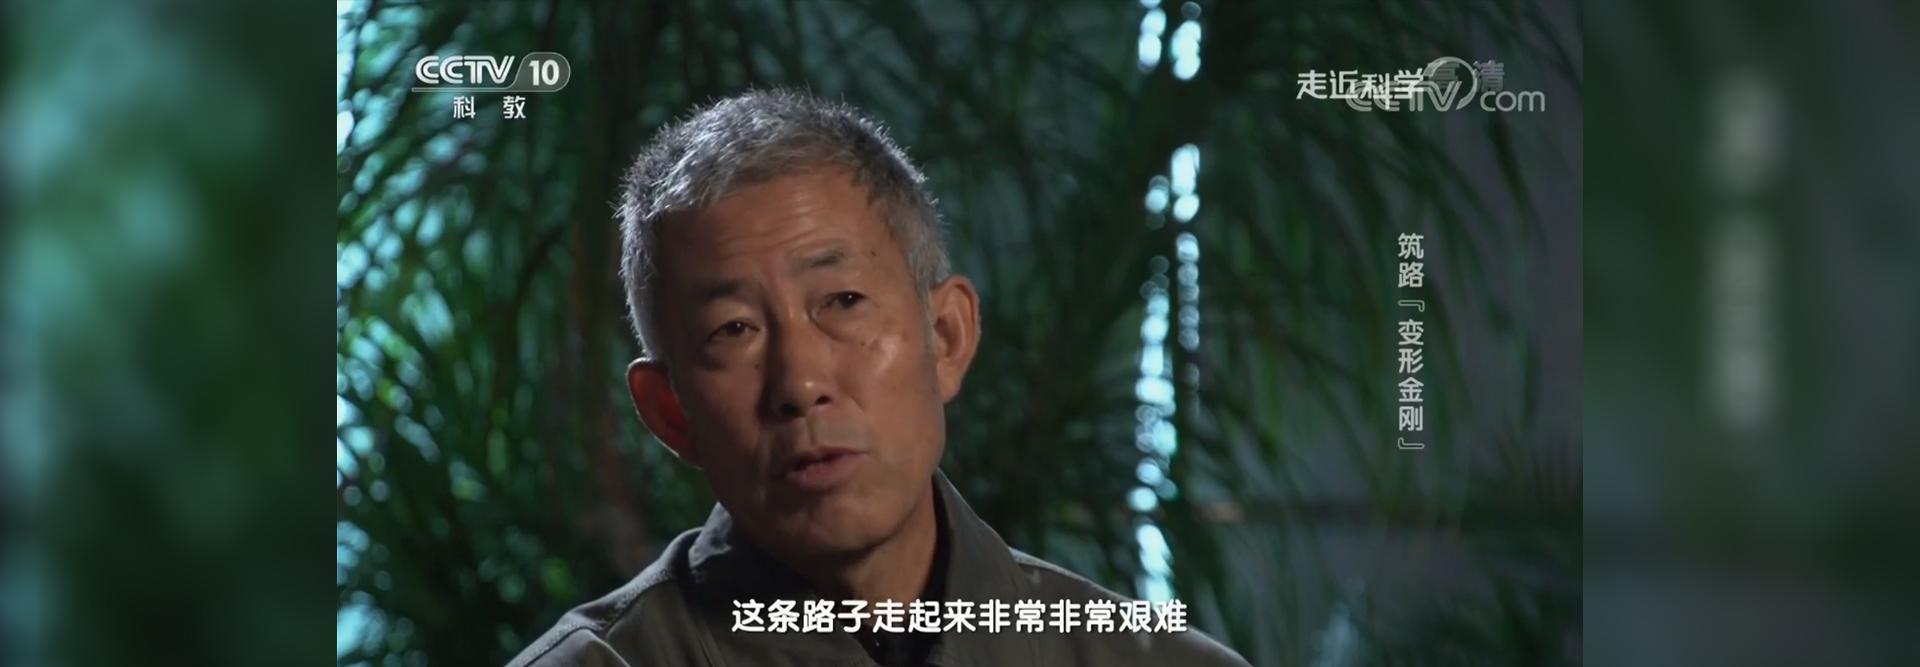 """CCTV10《走近科学》筑路""""变形金刚"""""""